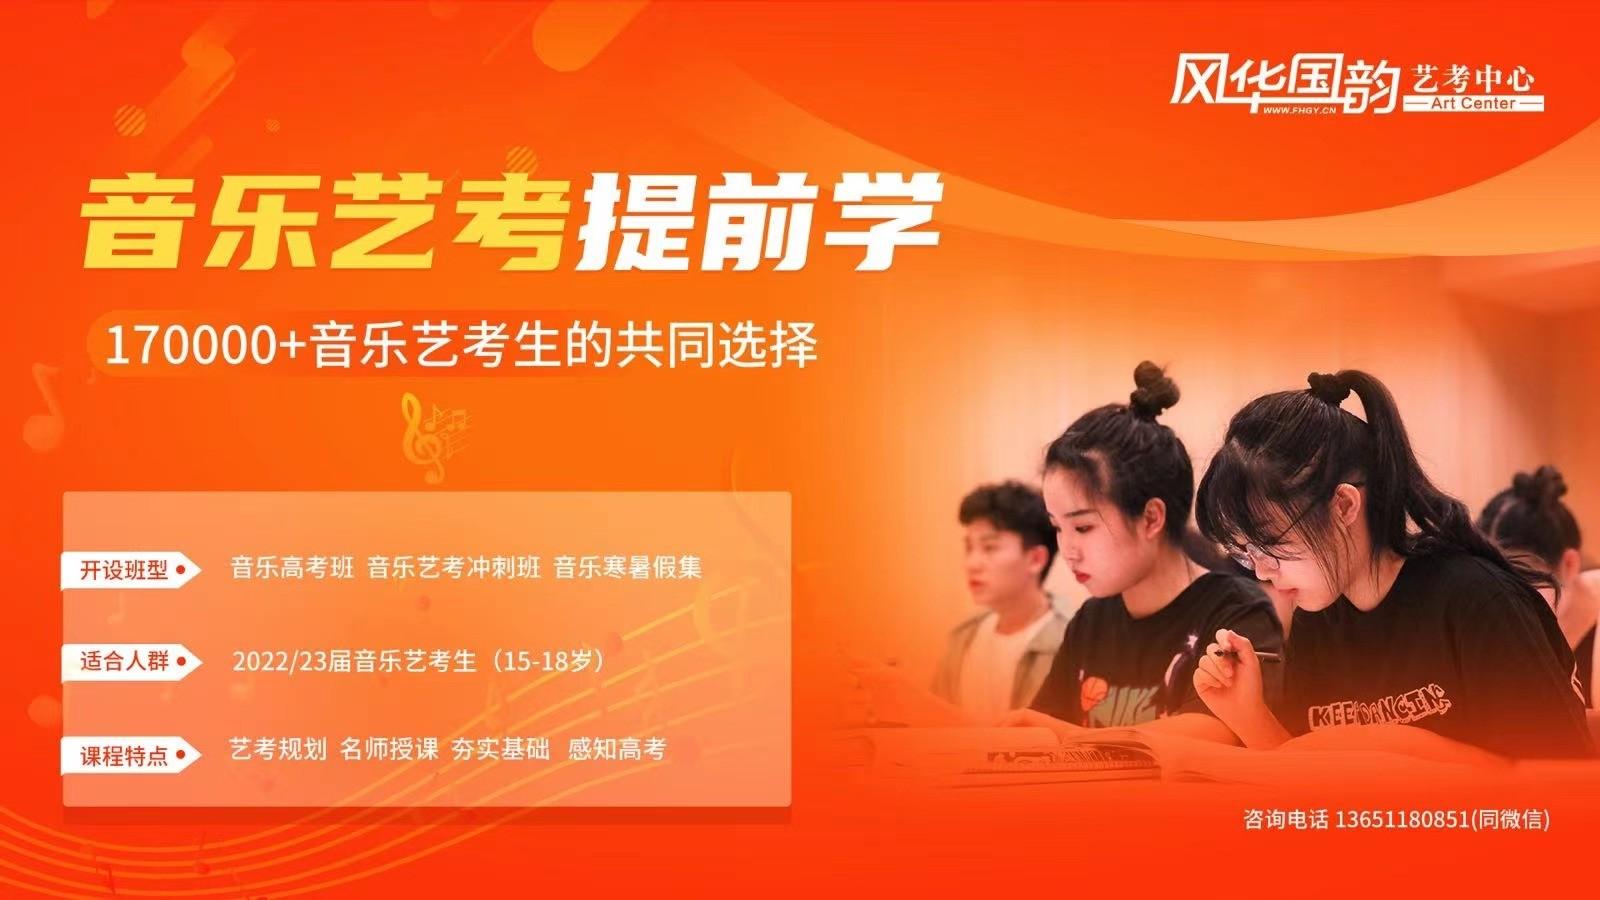 中国传媒大学艺考培训机构哪个好?